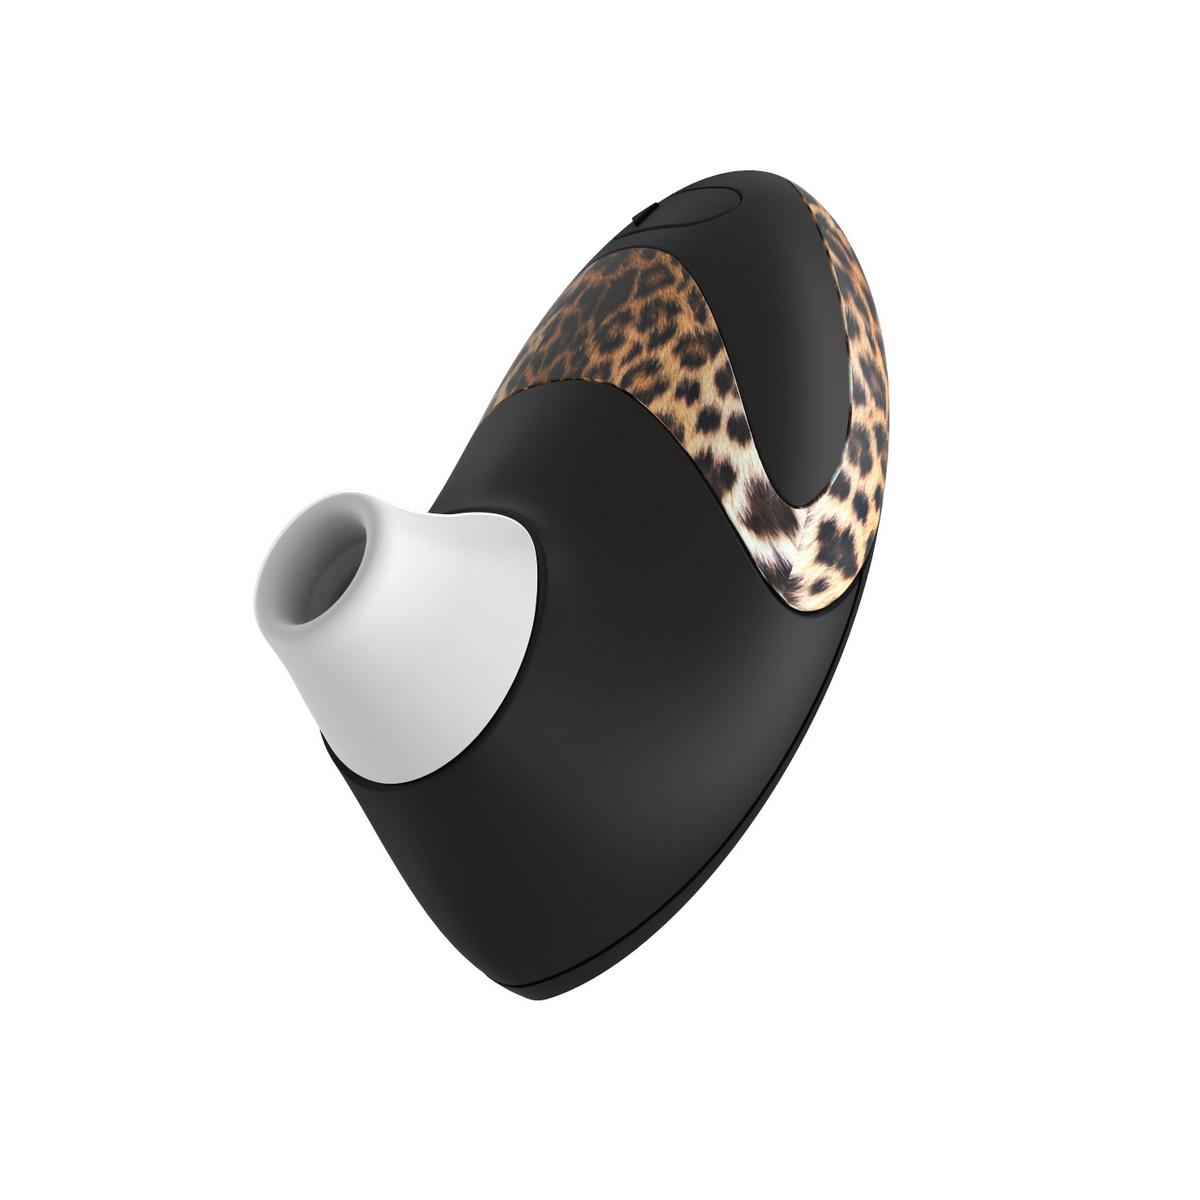 Sací vibrátor na klitoris Womanizer W500 Pro Black